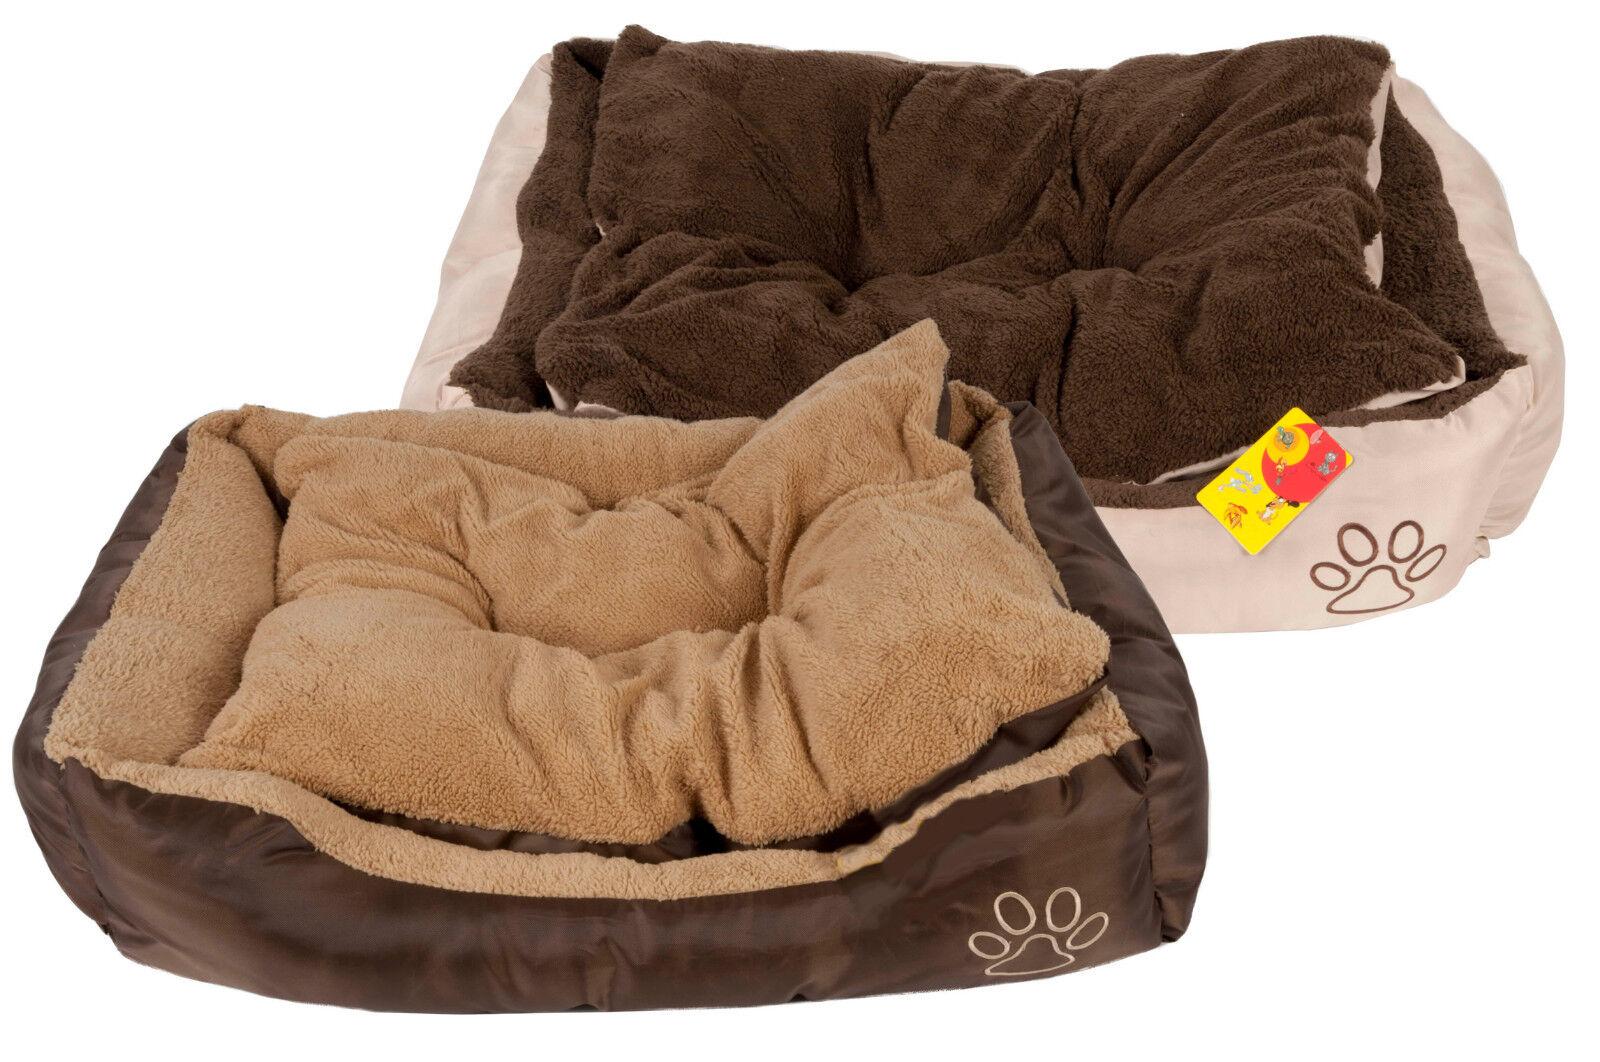 Hundebett S M L XL Kissen Korb Katzenbett Sofa Decke Matte Tierbett Schlafplatz